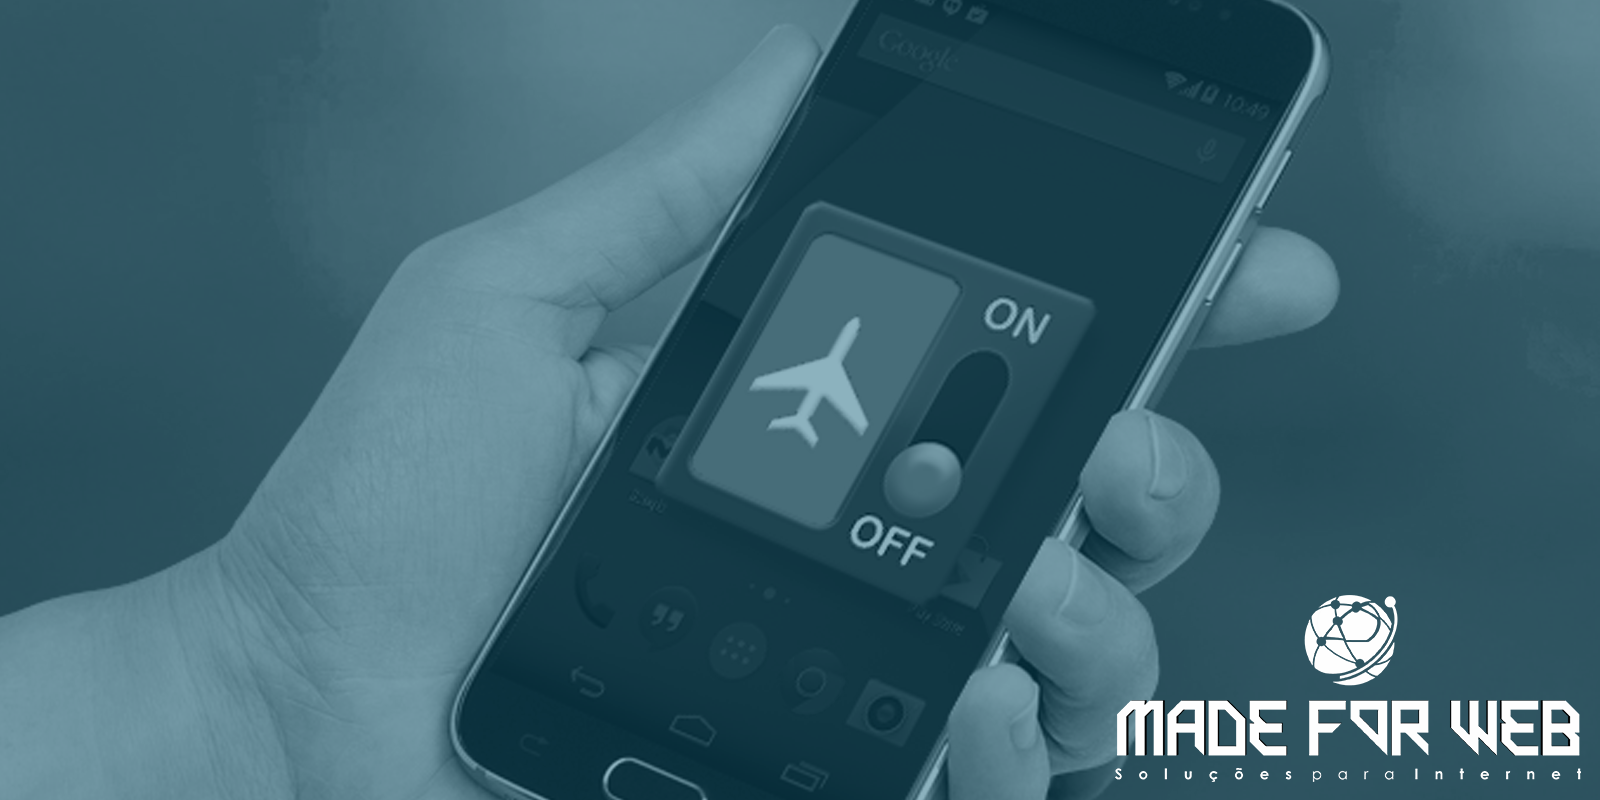 Aplicativo QualityTime ajuda a controlar tempo gasto no celular